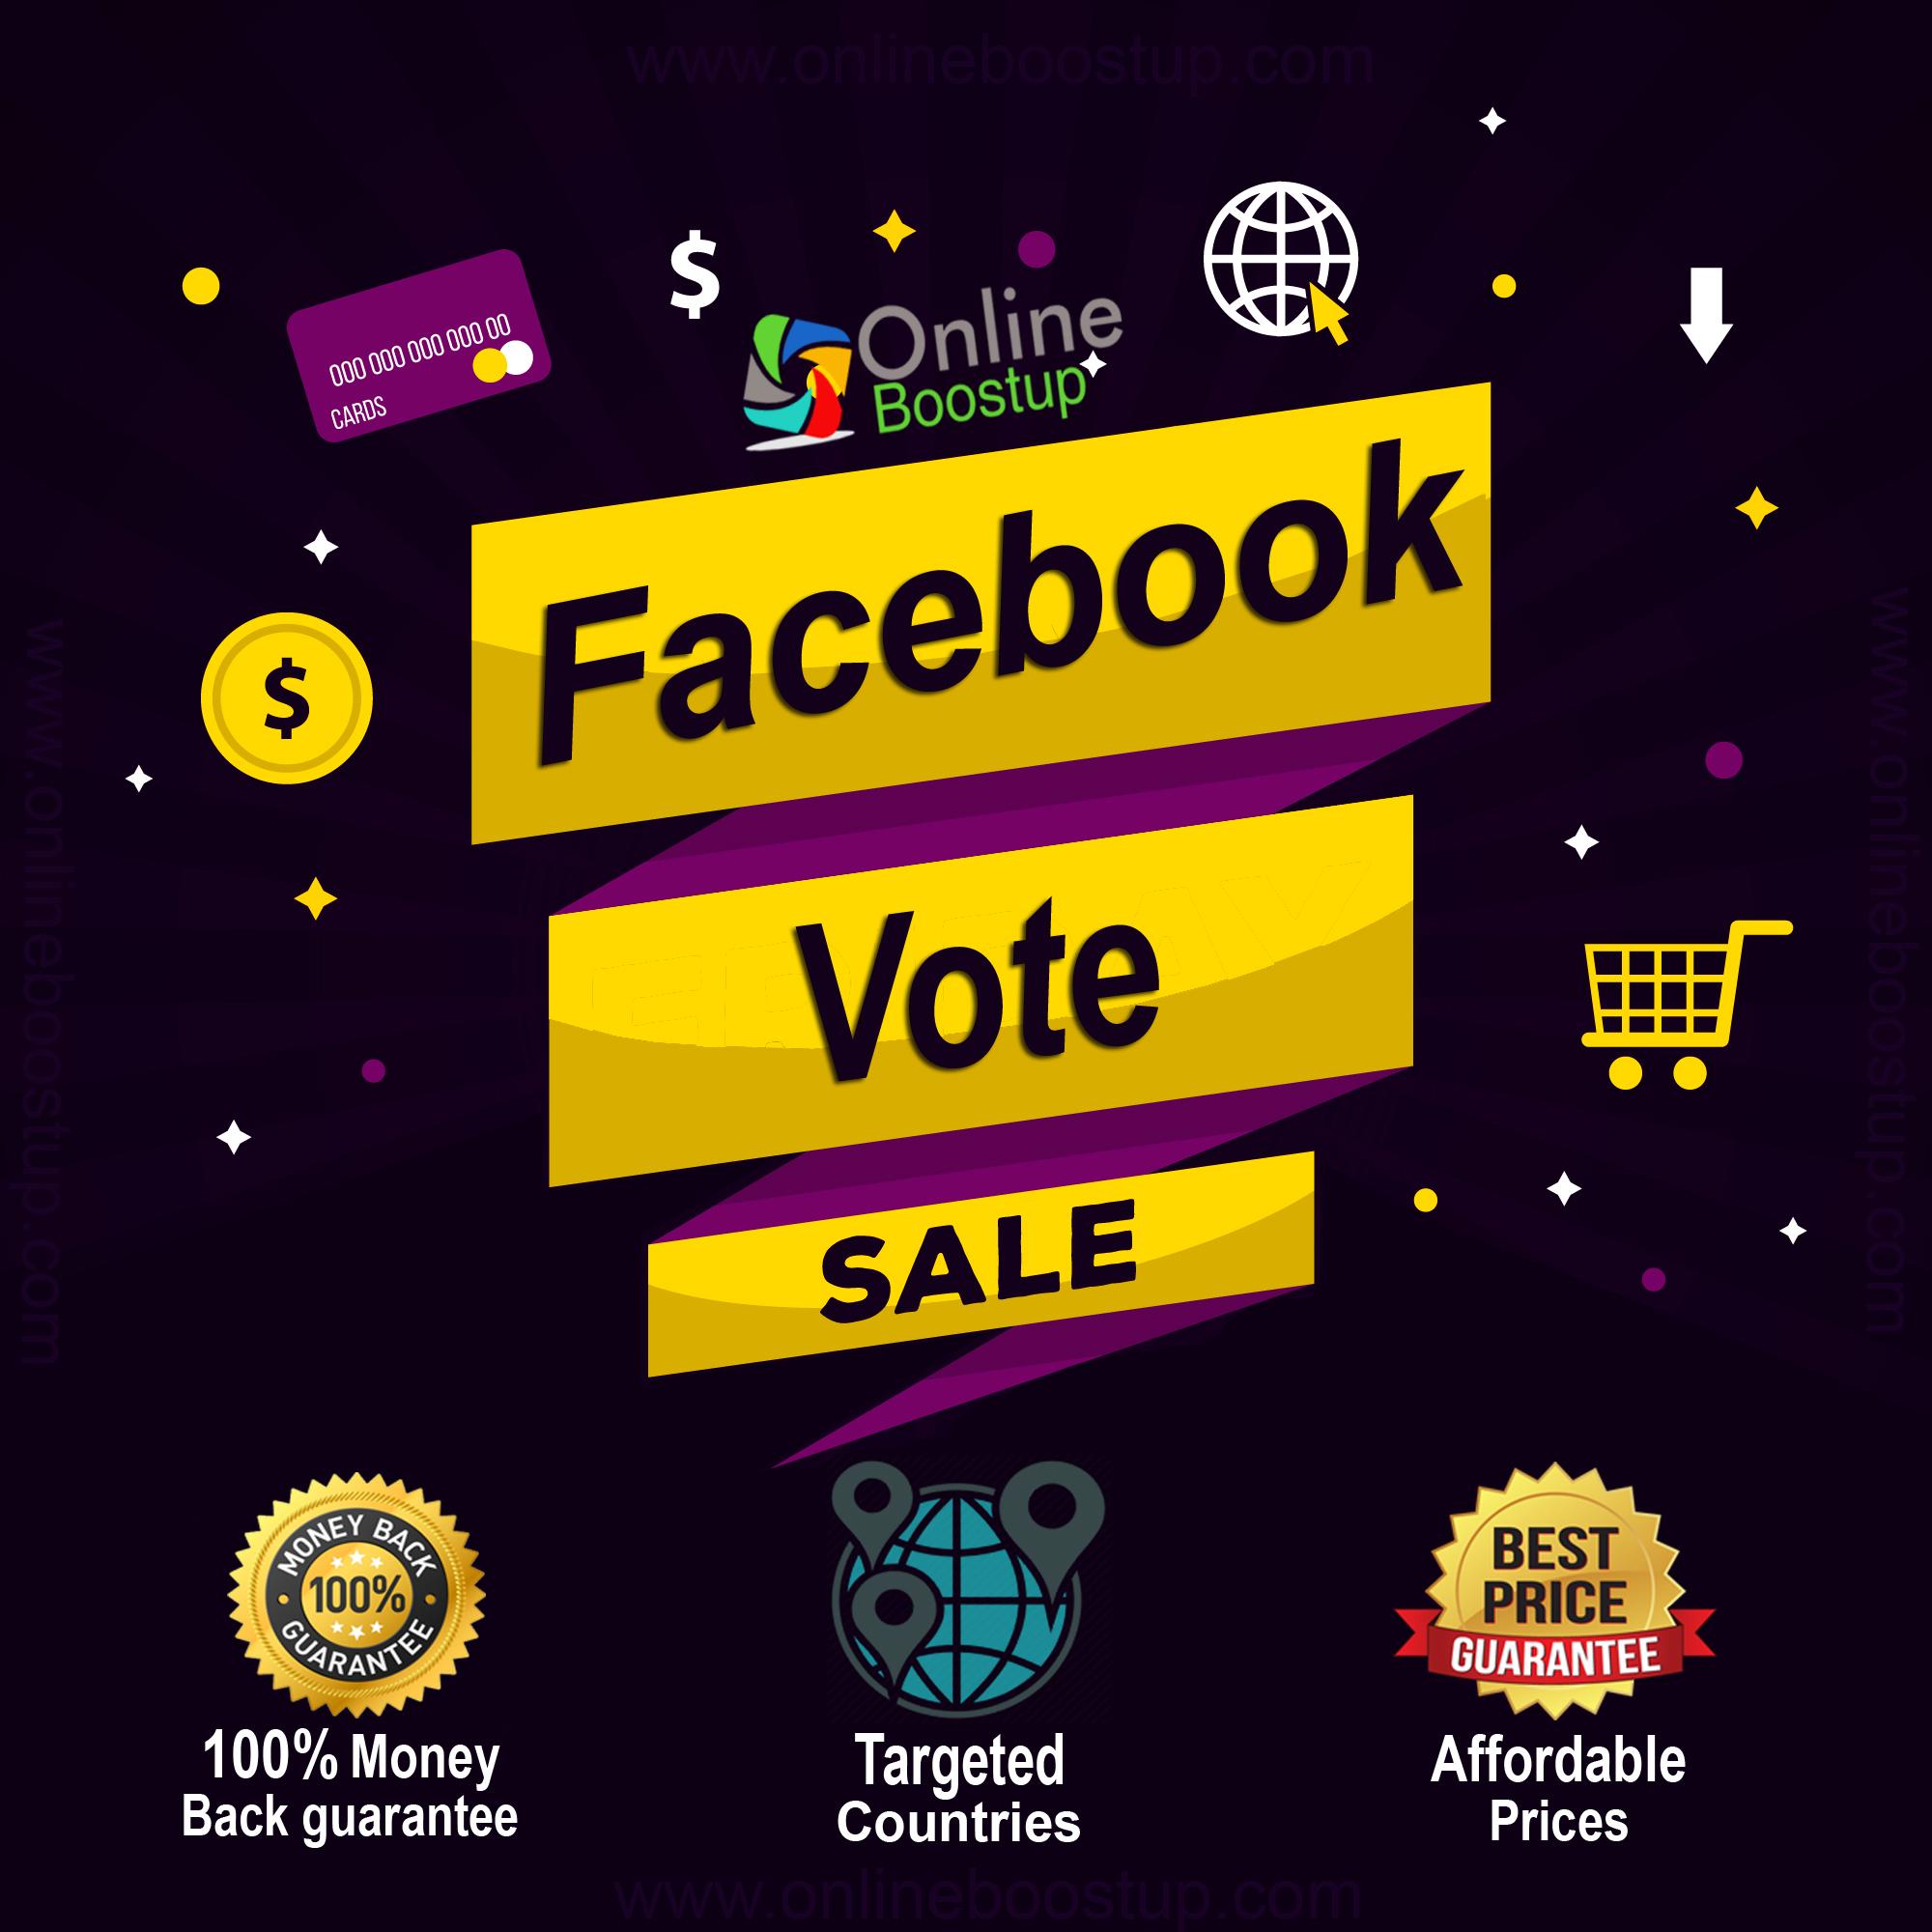 Buy Facebook Votes Cheap